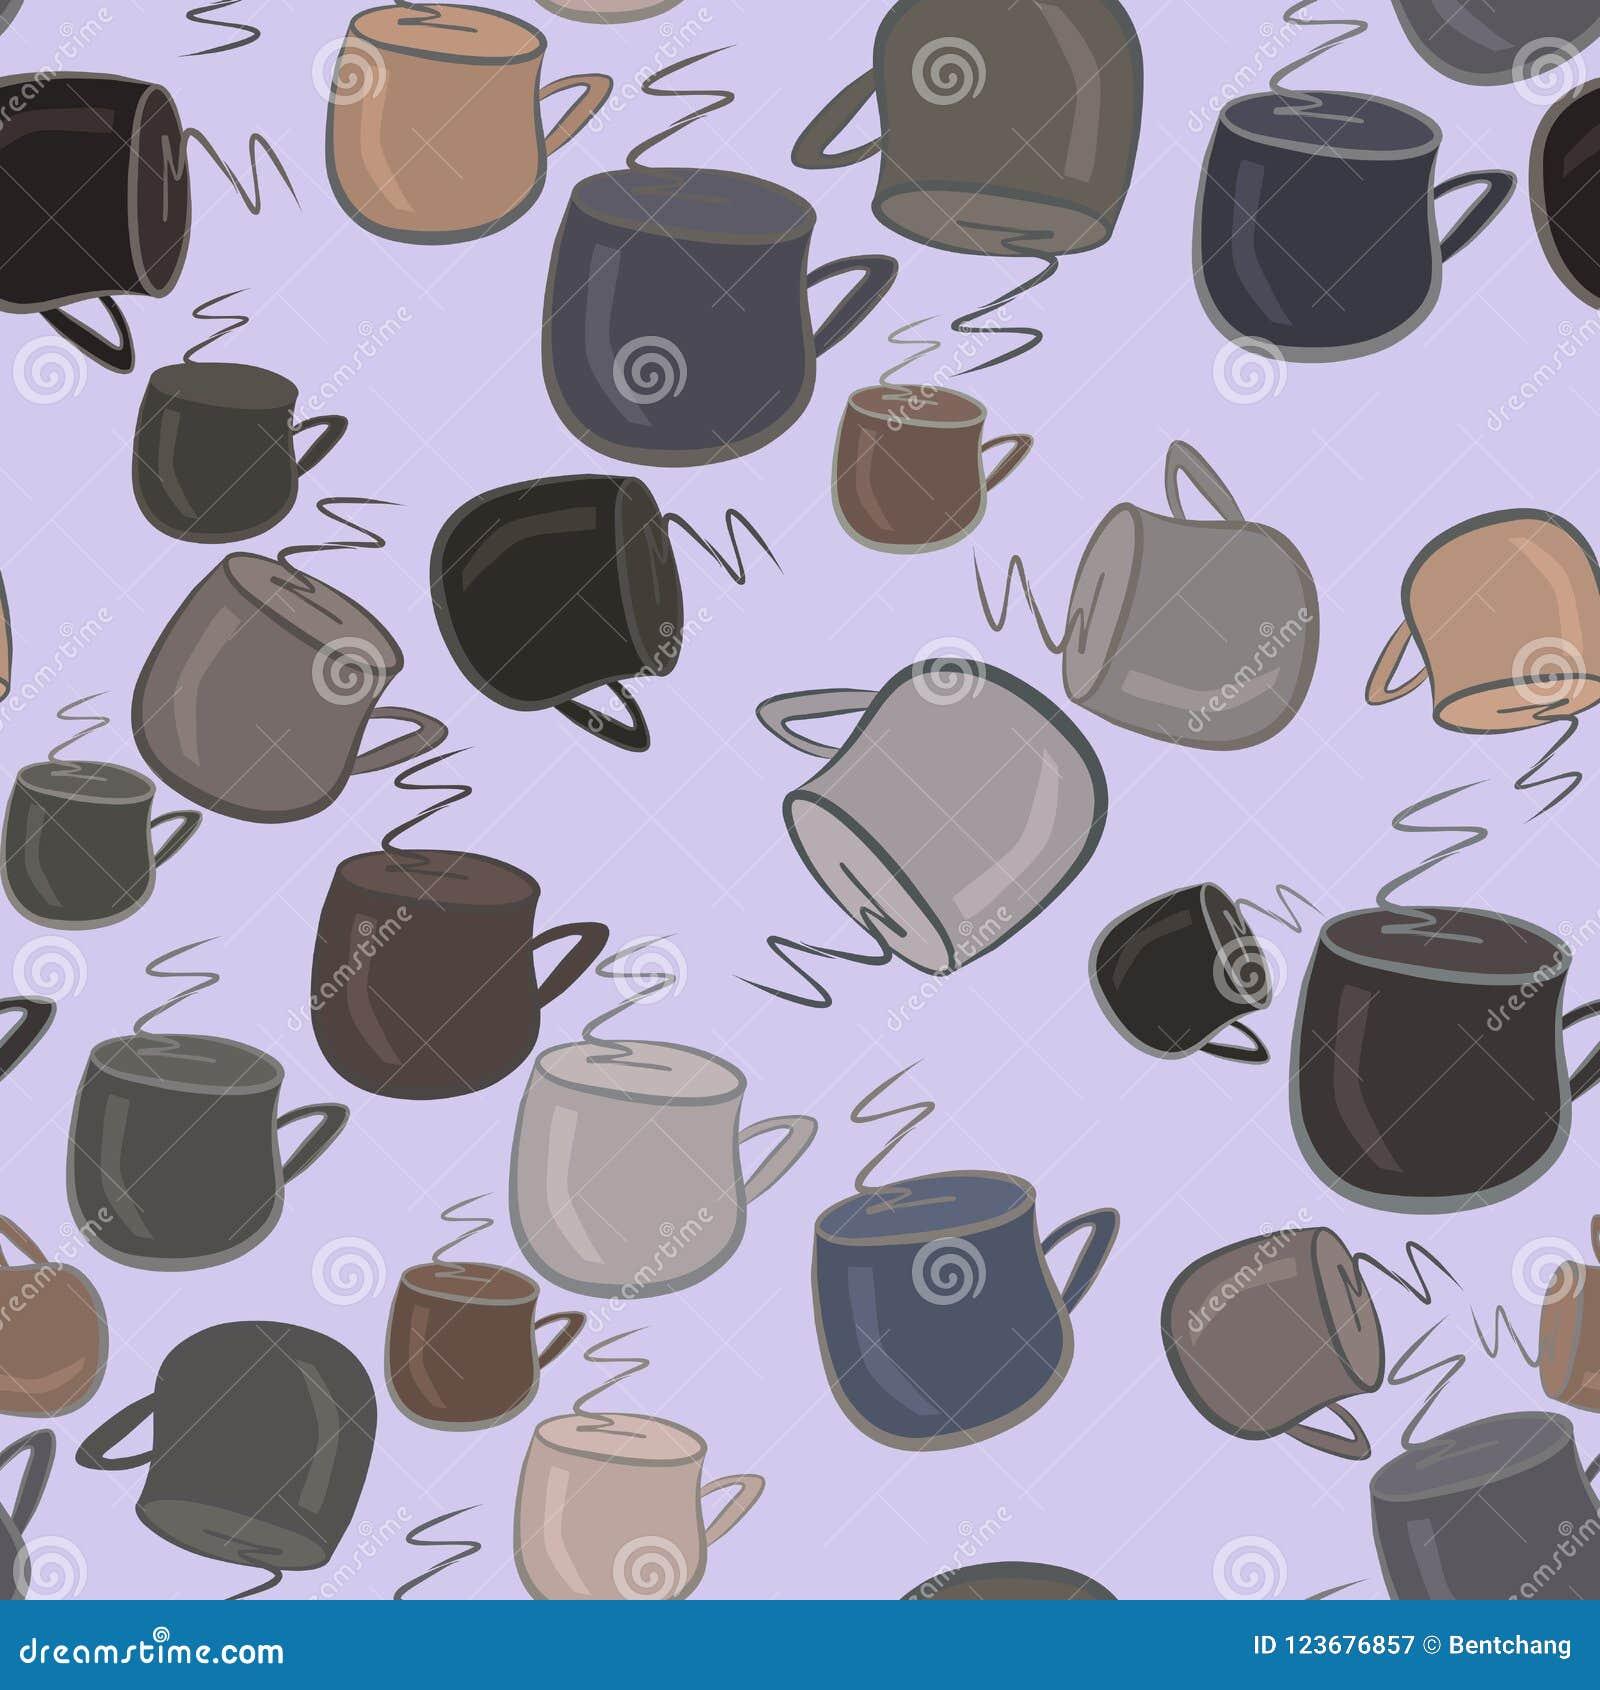 Nahtlose abstrakte Illustrationen der Kaffeetasse, begrifflich Segeltuch, Dekoration, Koffein u. Effekt